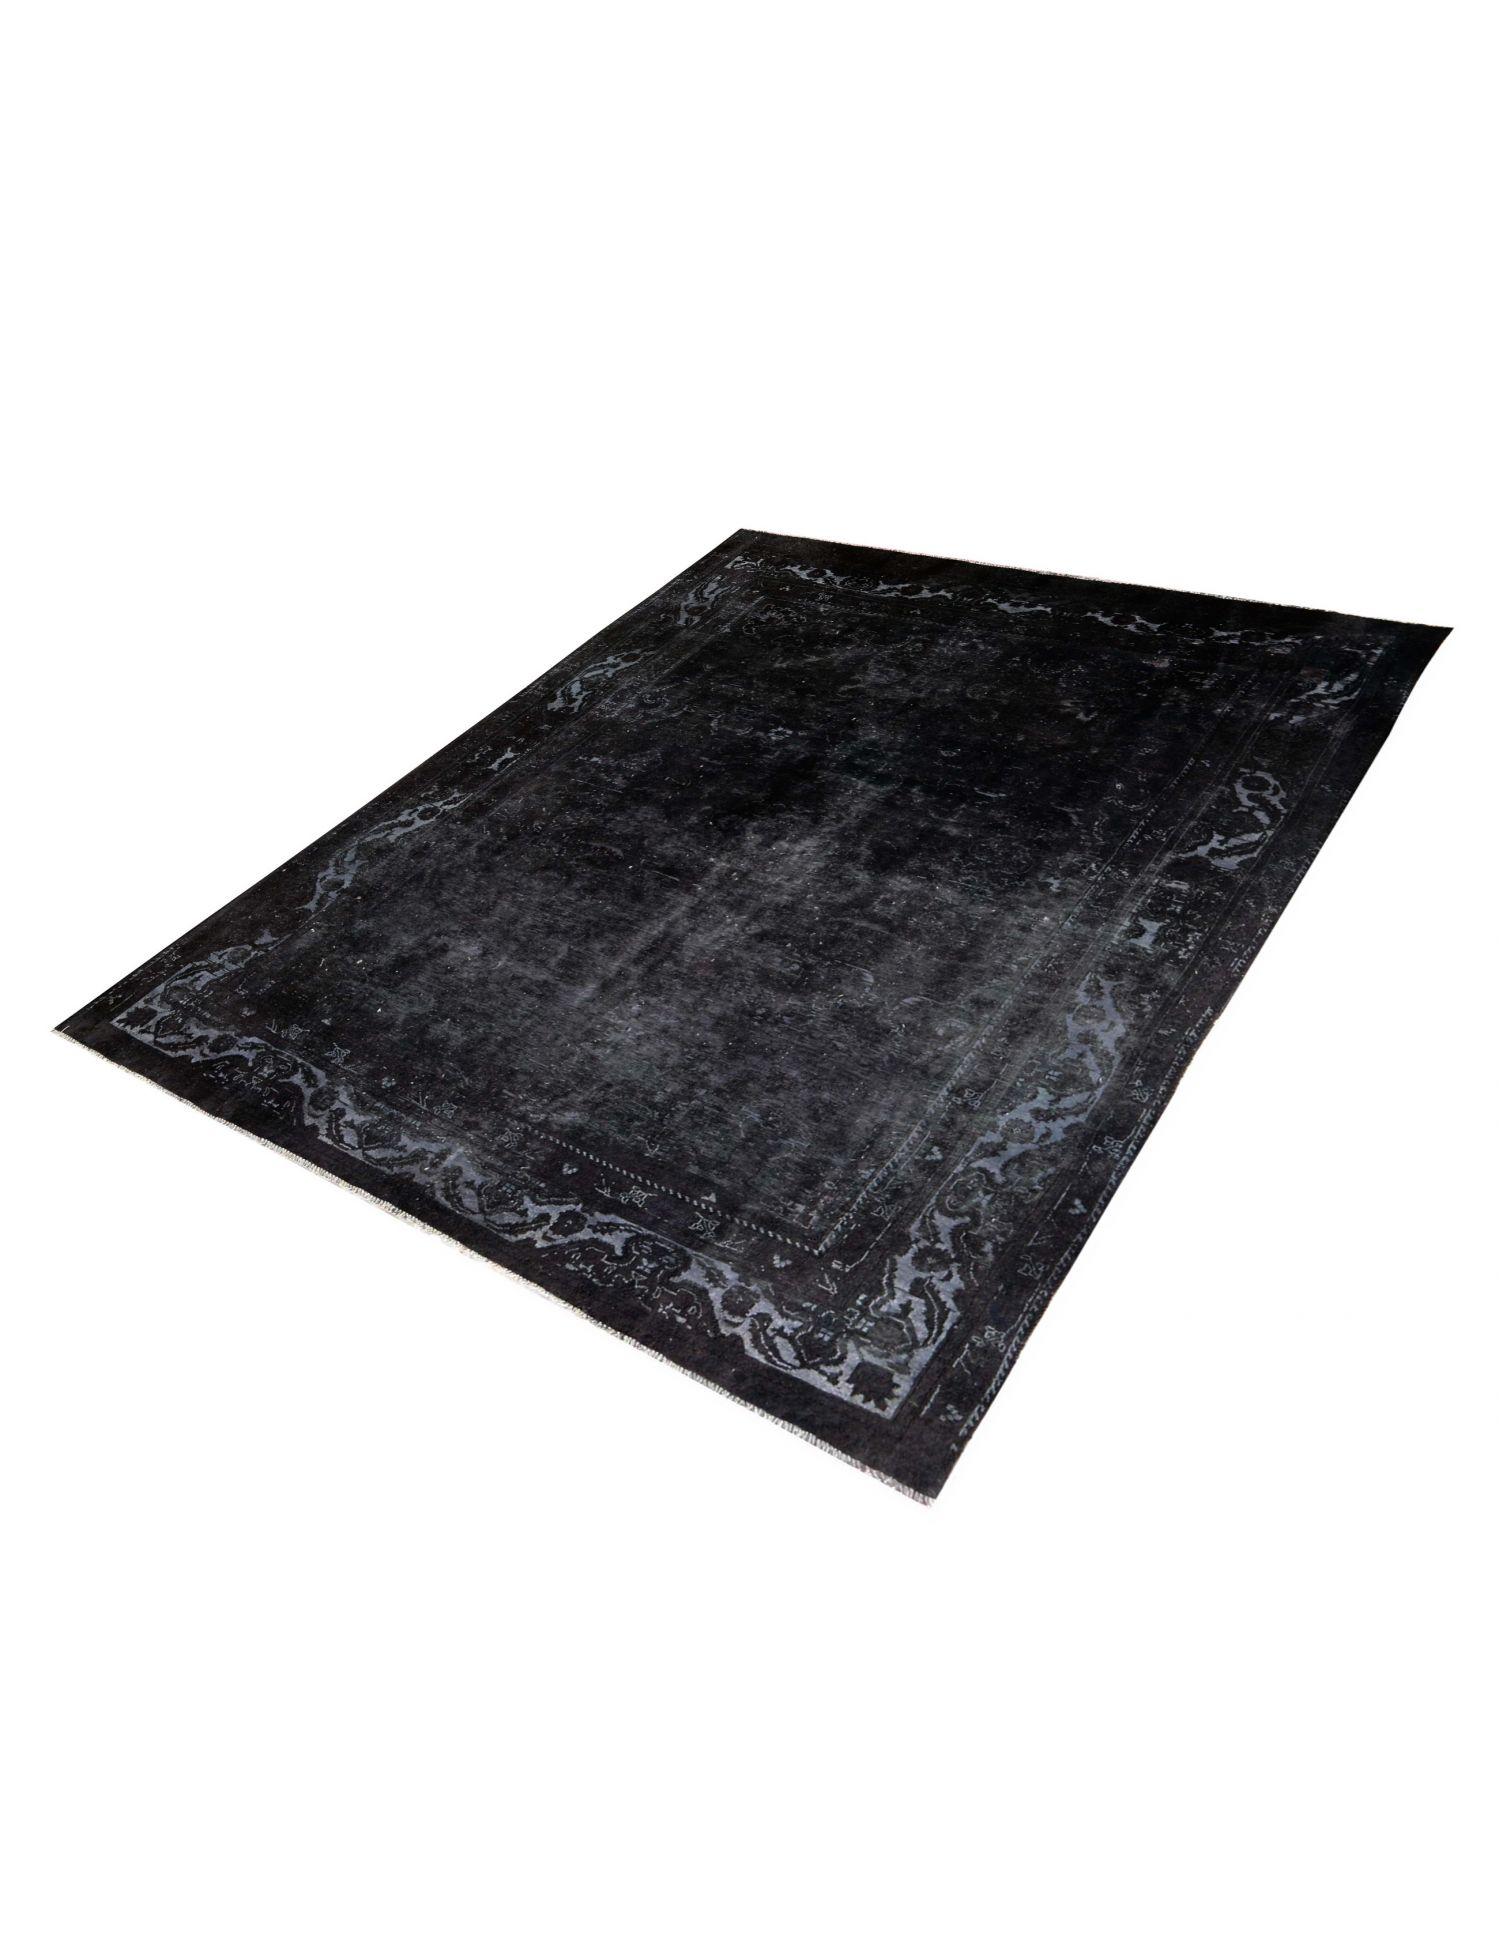 Vintage Teppich  schwarz <br/>320 x 234 cm